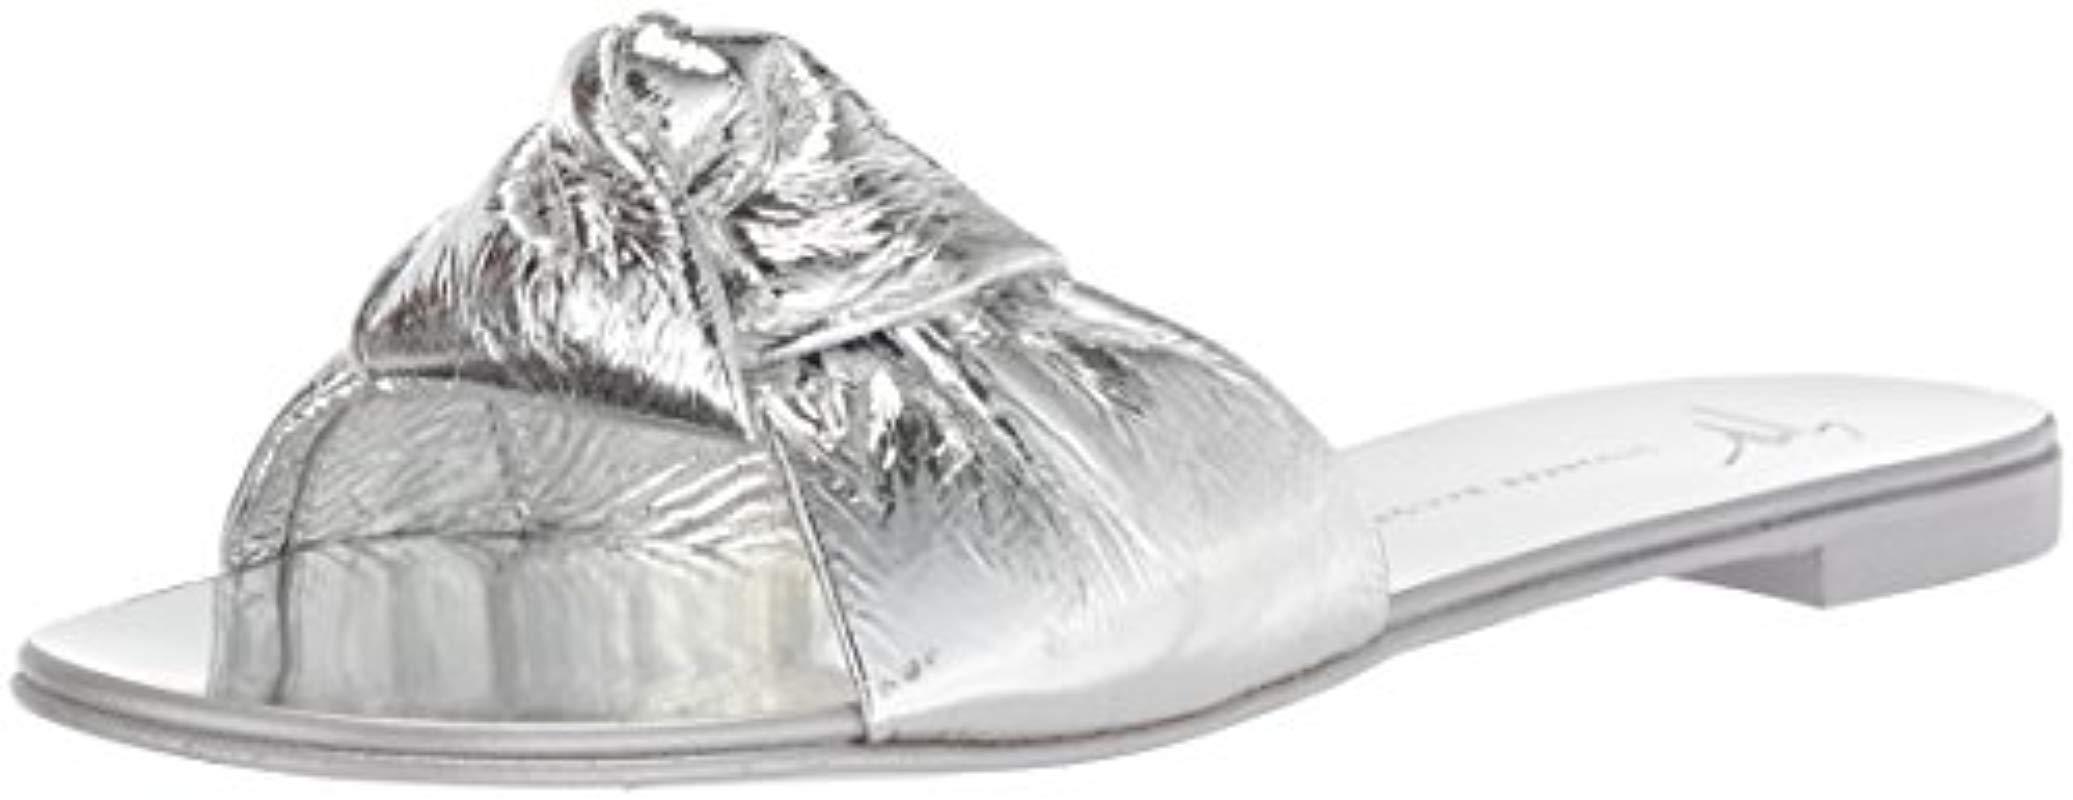 621df077ef6cc Women's E800101 Flat Sandal